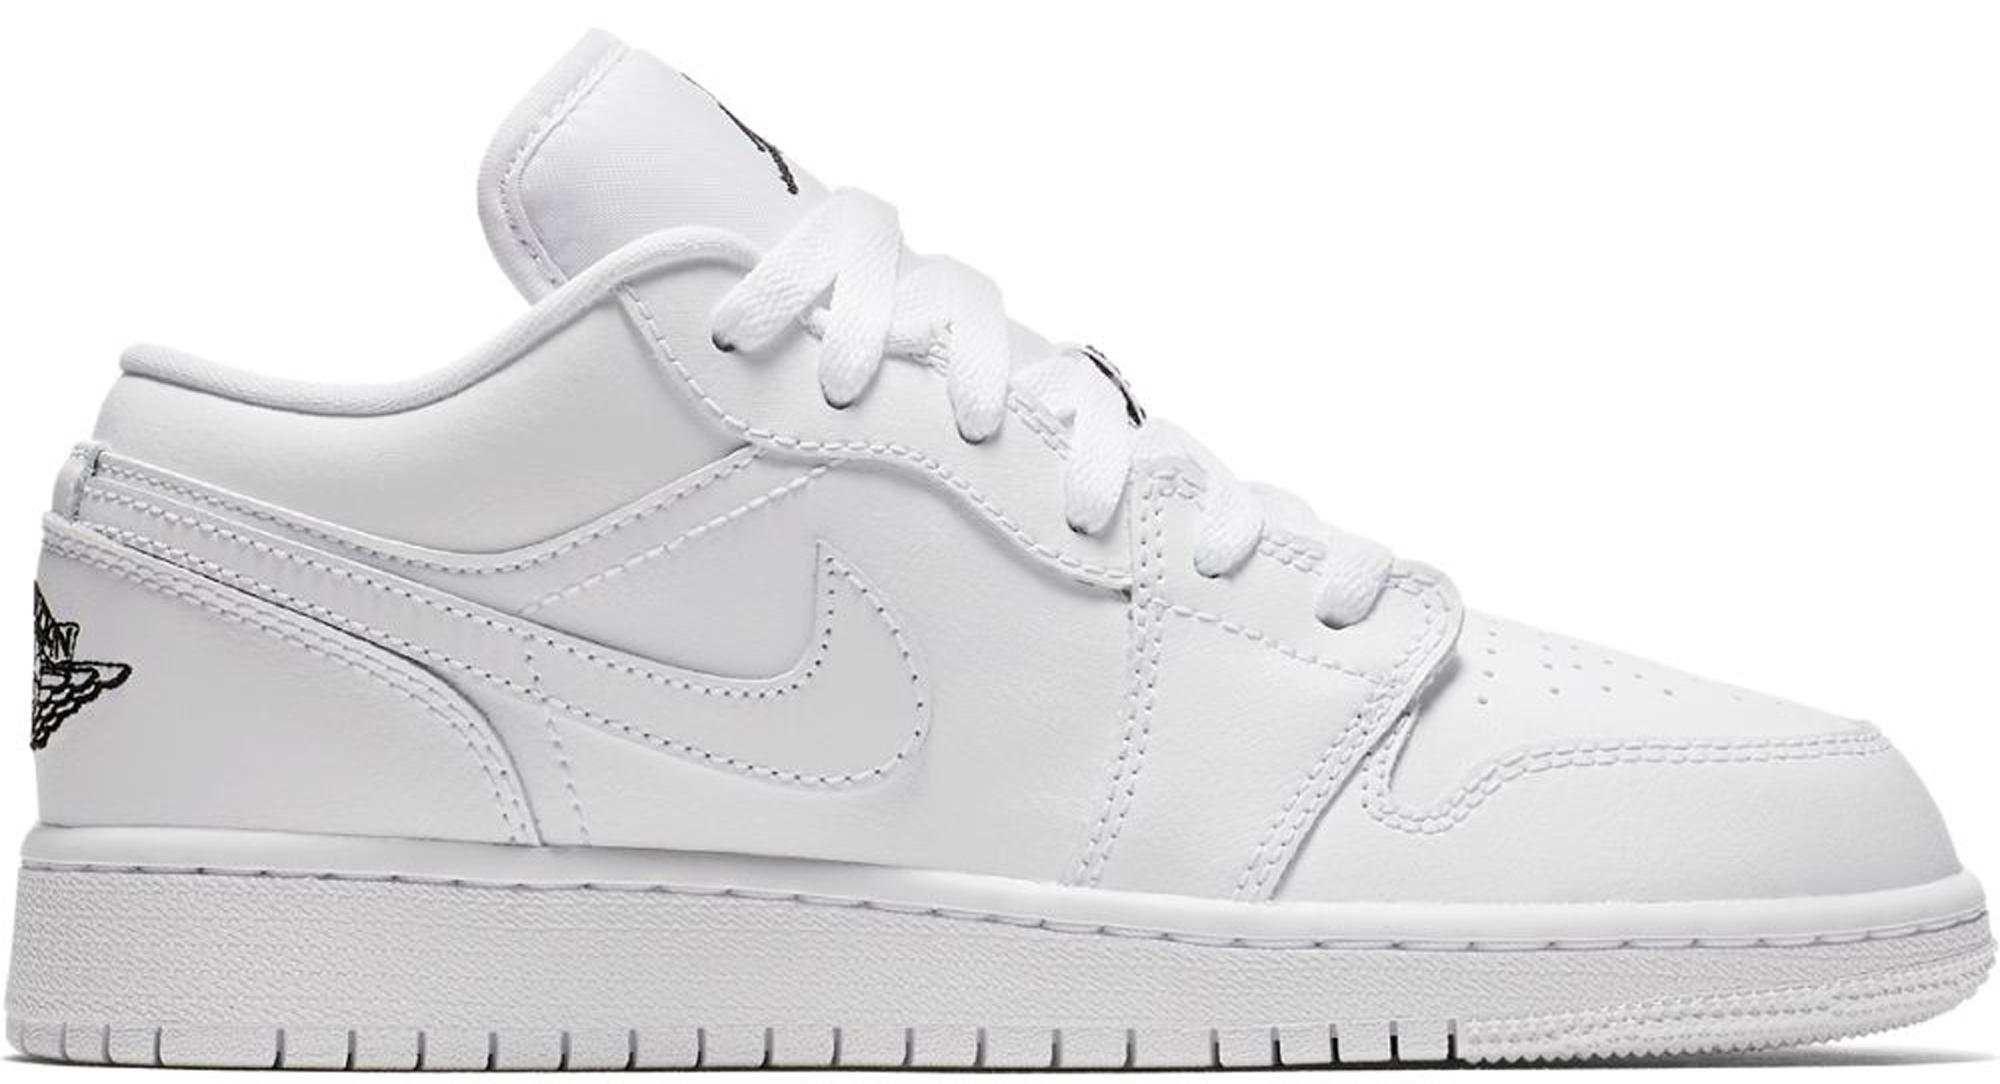 Jordan 1 Low Triple White (GS) - 553560-110